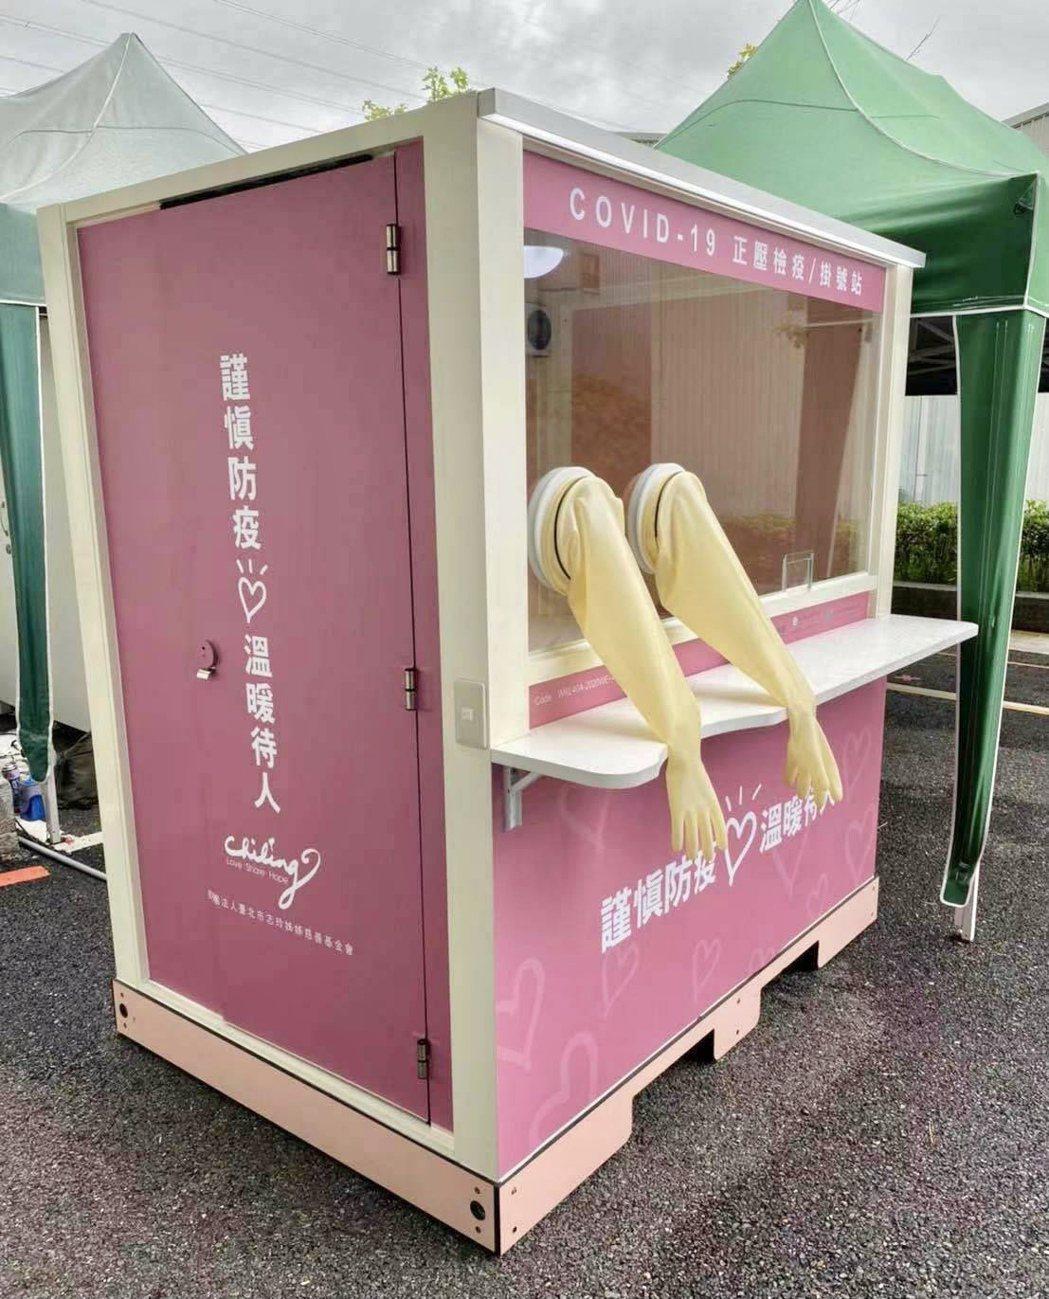 此次捐贈的正壓檢疫亭,是新創公司威浦斯科技的專利技術產品。威浦斯科技提供